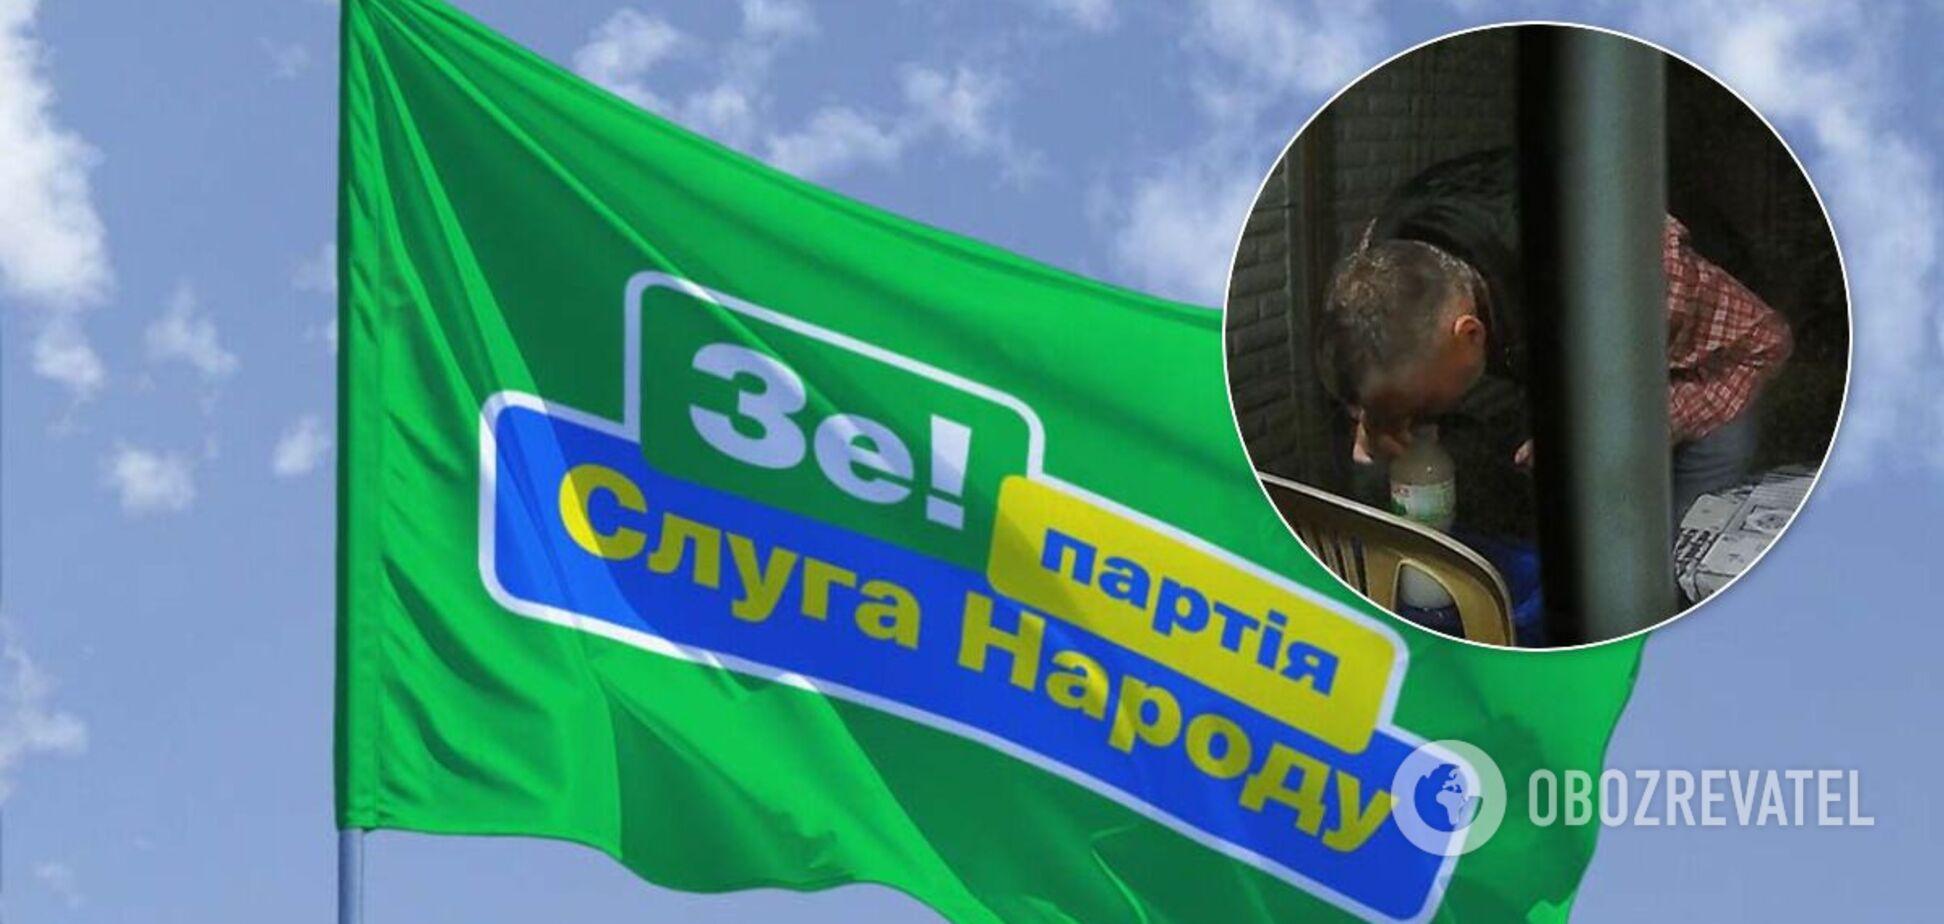 Сергій Алєксєйченко вживав марихуану